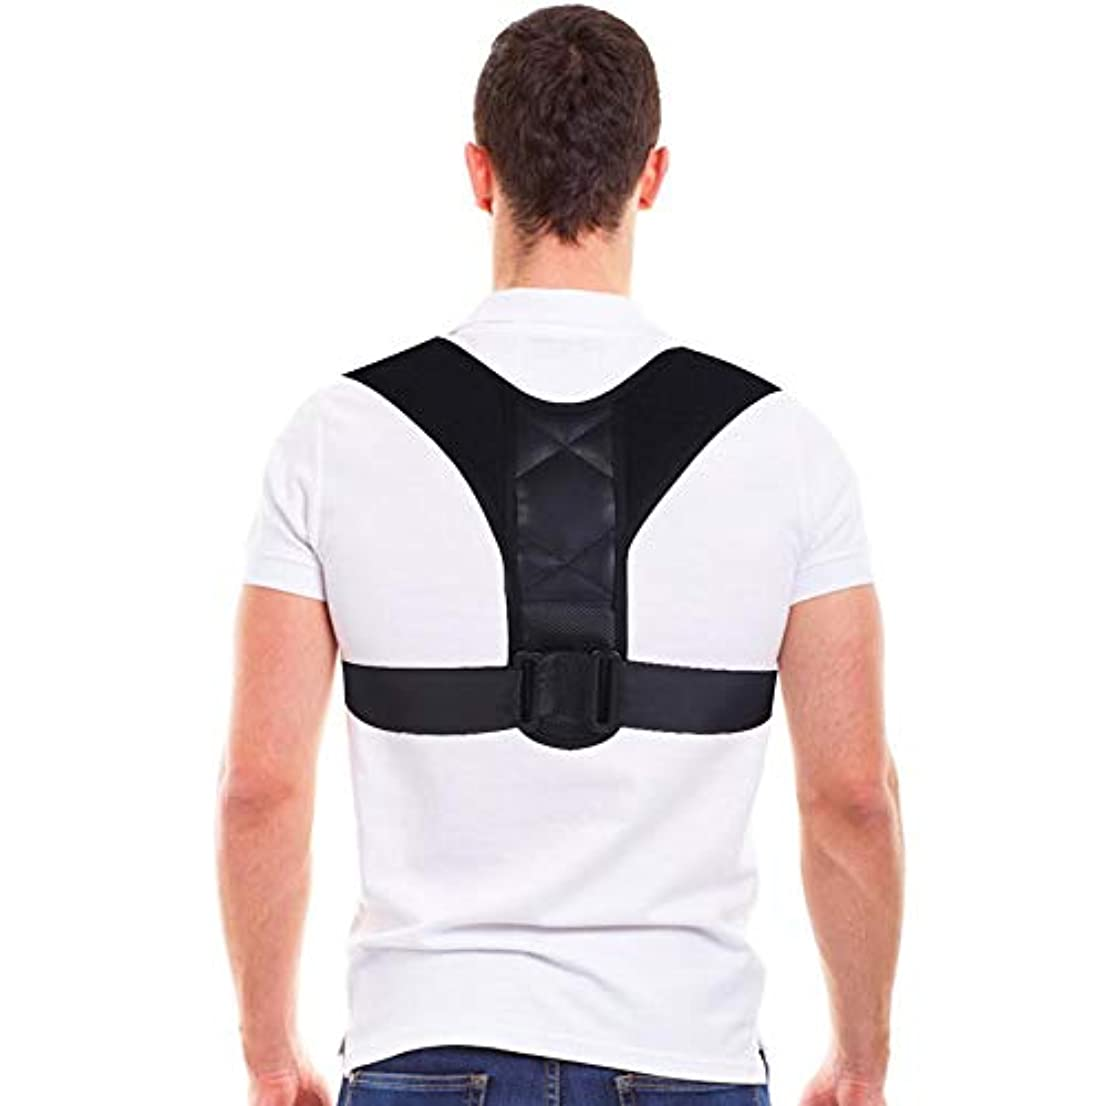 限りロック解除火山学コレクター姿勢バックサポートベルト、8字型デザインの調節可能な鎖骨装具バンド、男性と女性の姿勢、腰痛予防、腰痛予防